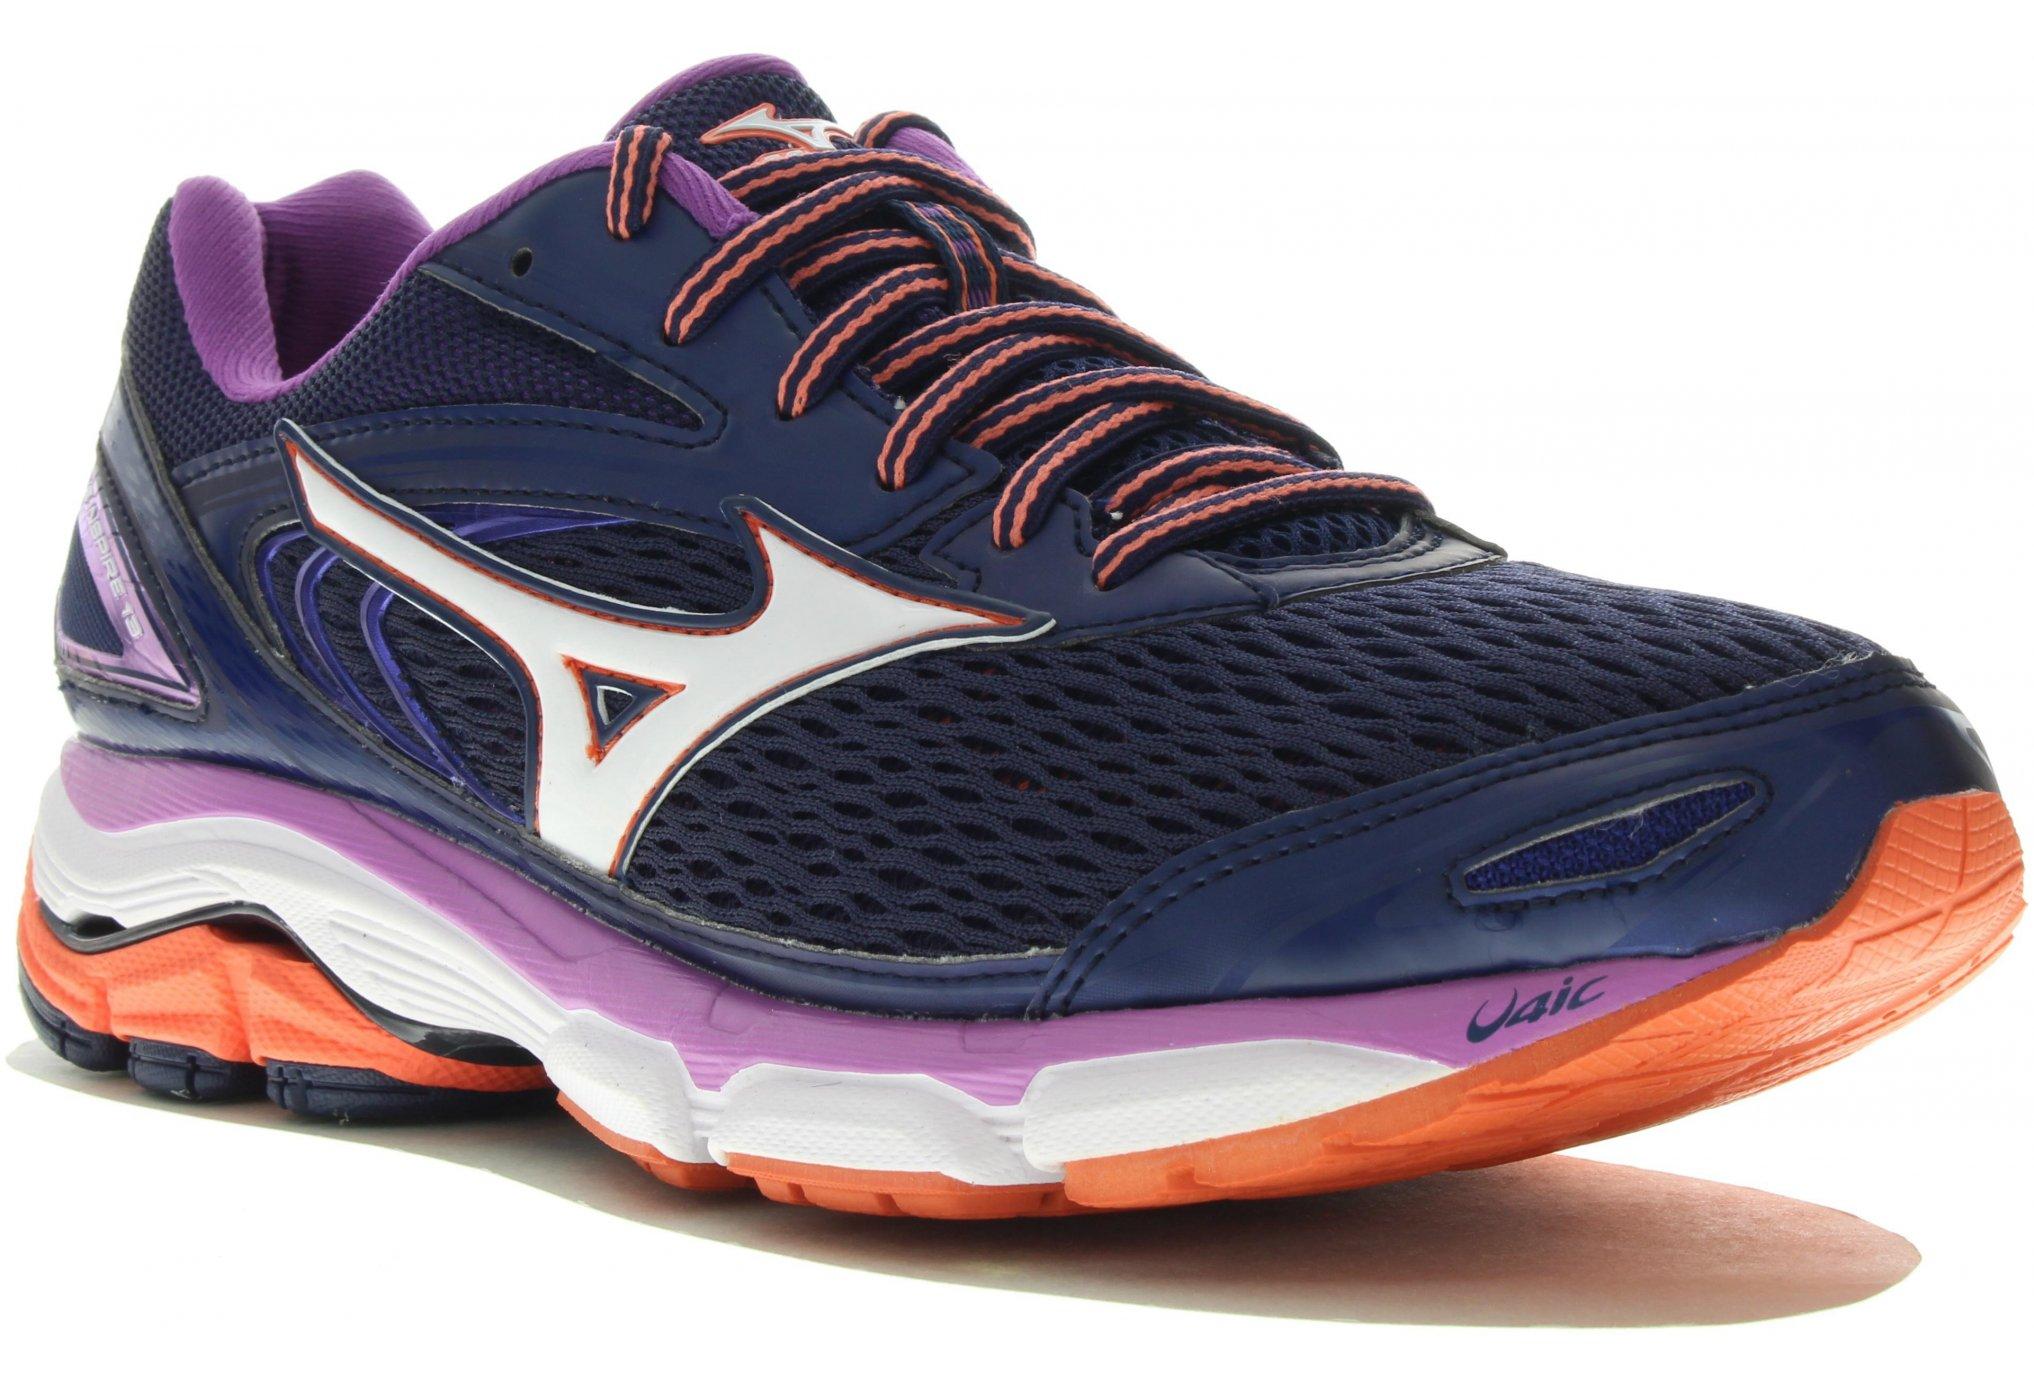 Mizuno Wave Inspire 13 W Chaussures running femme